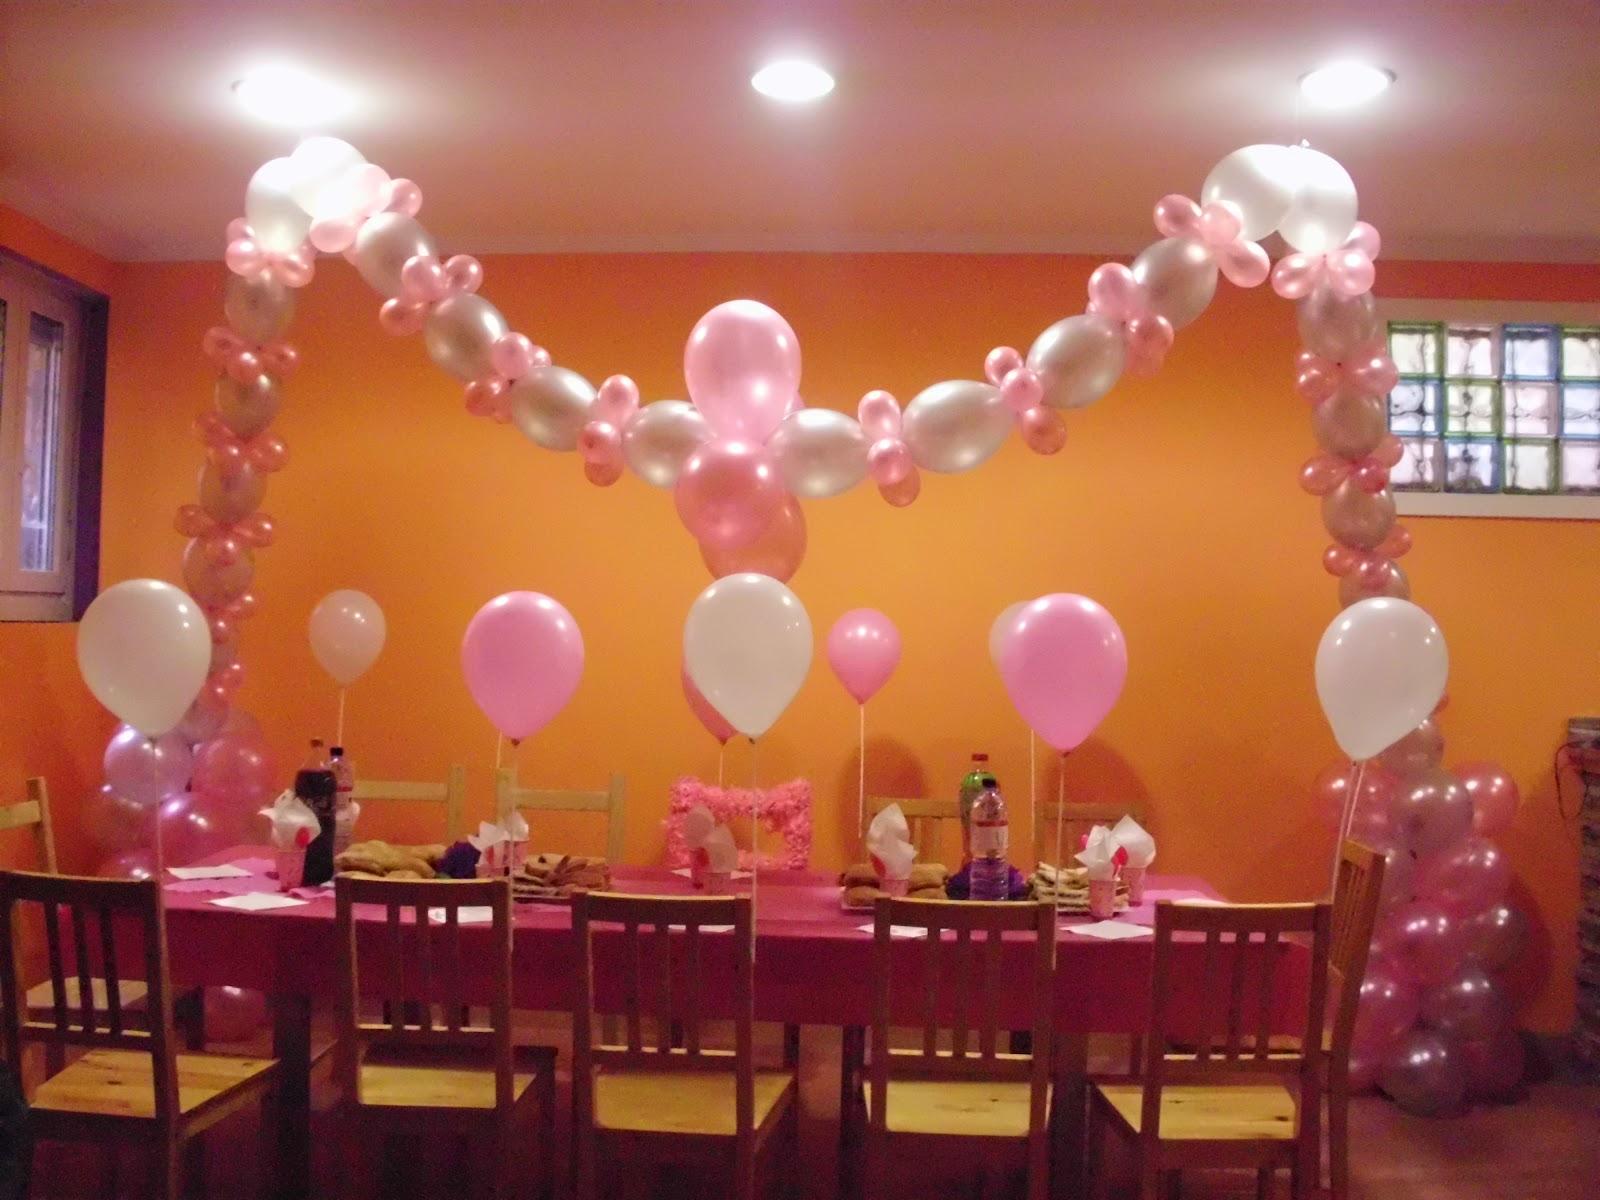 Mis dulces caprichos decoracion con globos para - Decorar para un cumpleanos ...